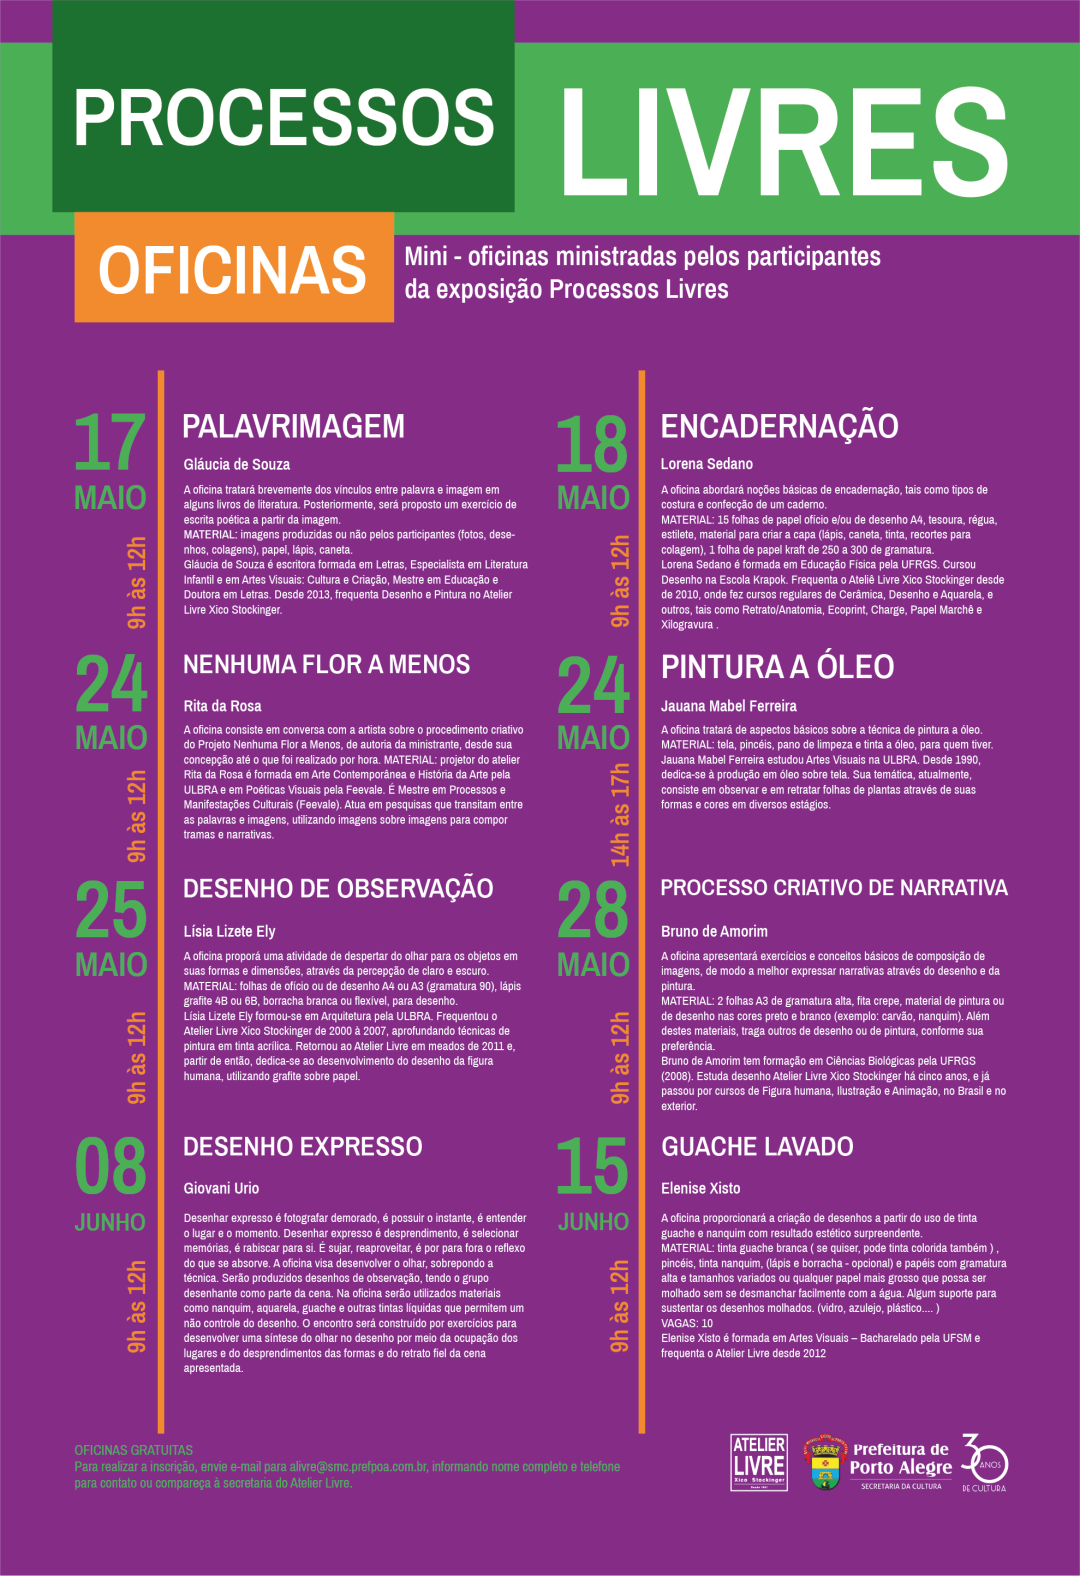 Oficinas_Processos_Livres_Cartaz_Prancheta 1.png